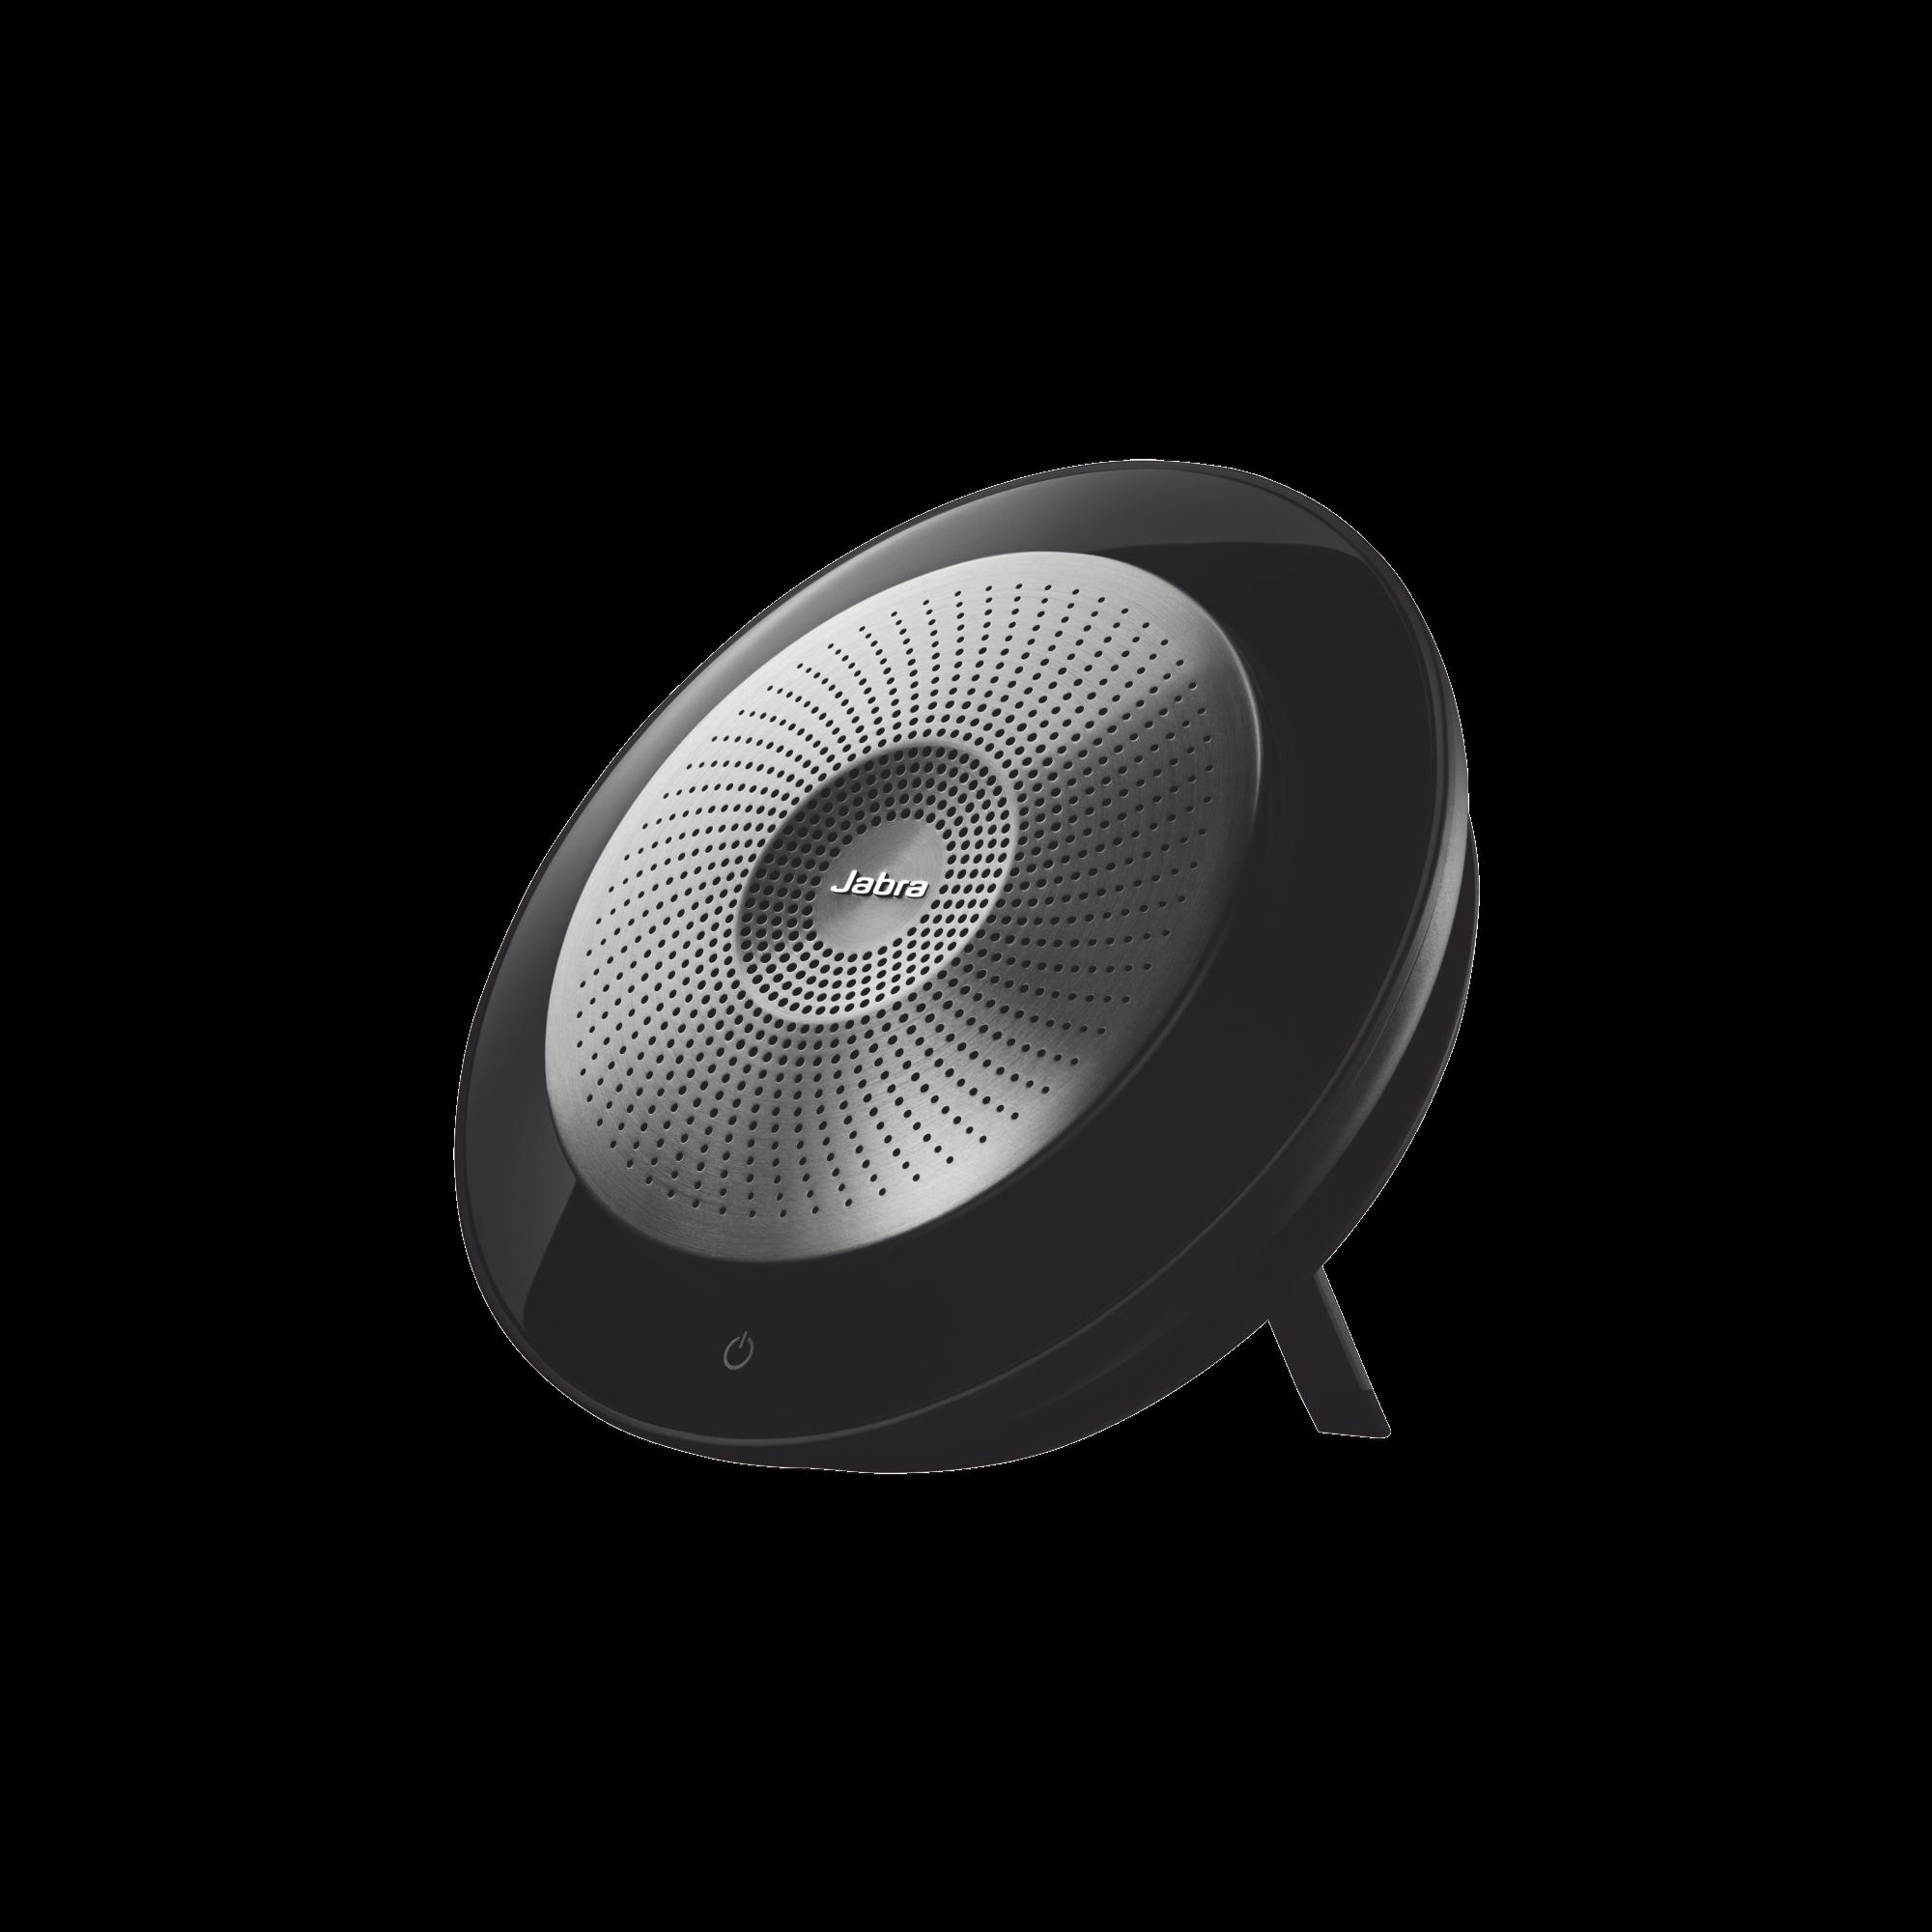 Speak 710, Altavoz con micrófono, portátil, sonido increíble para conferencias y música (7710-409)